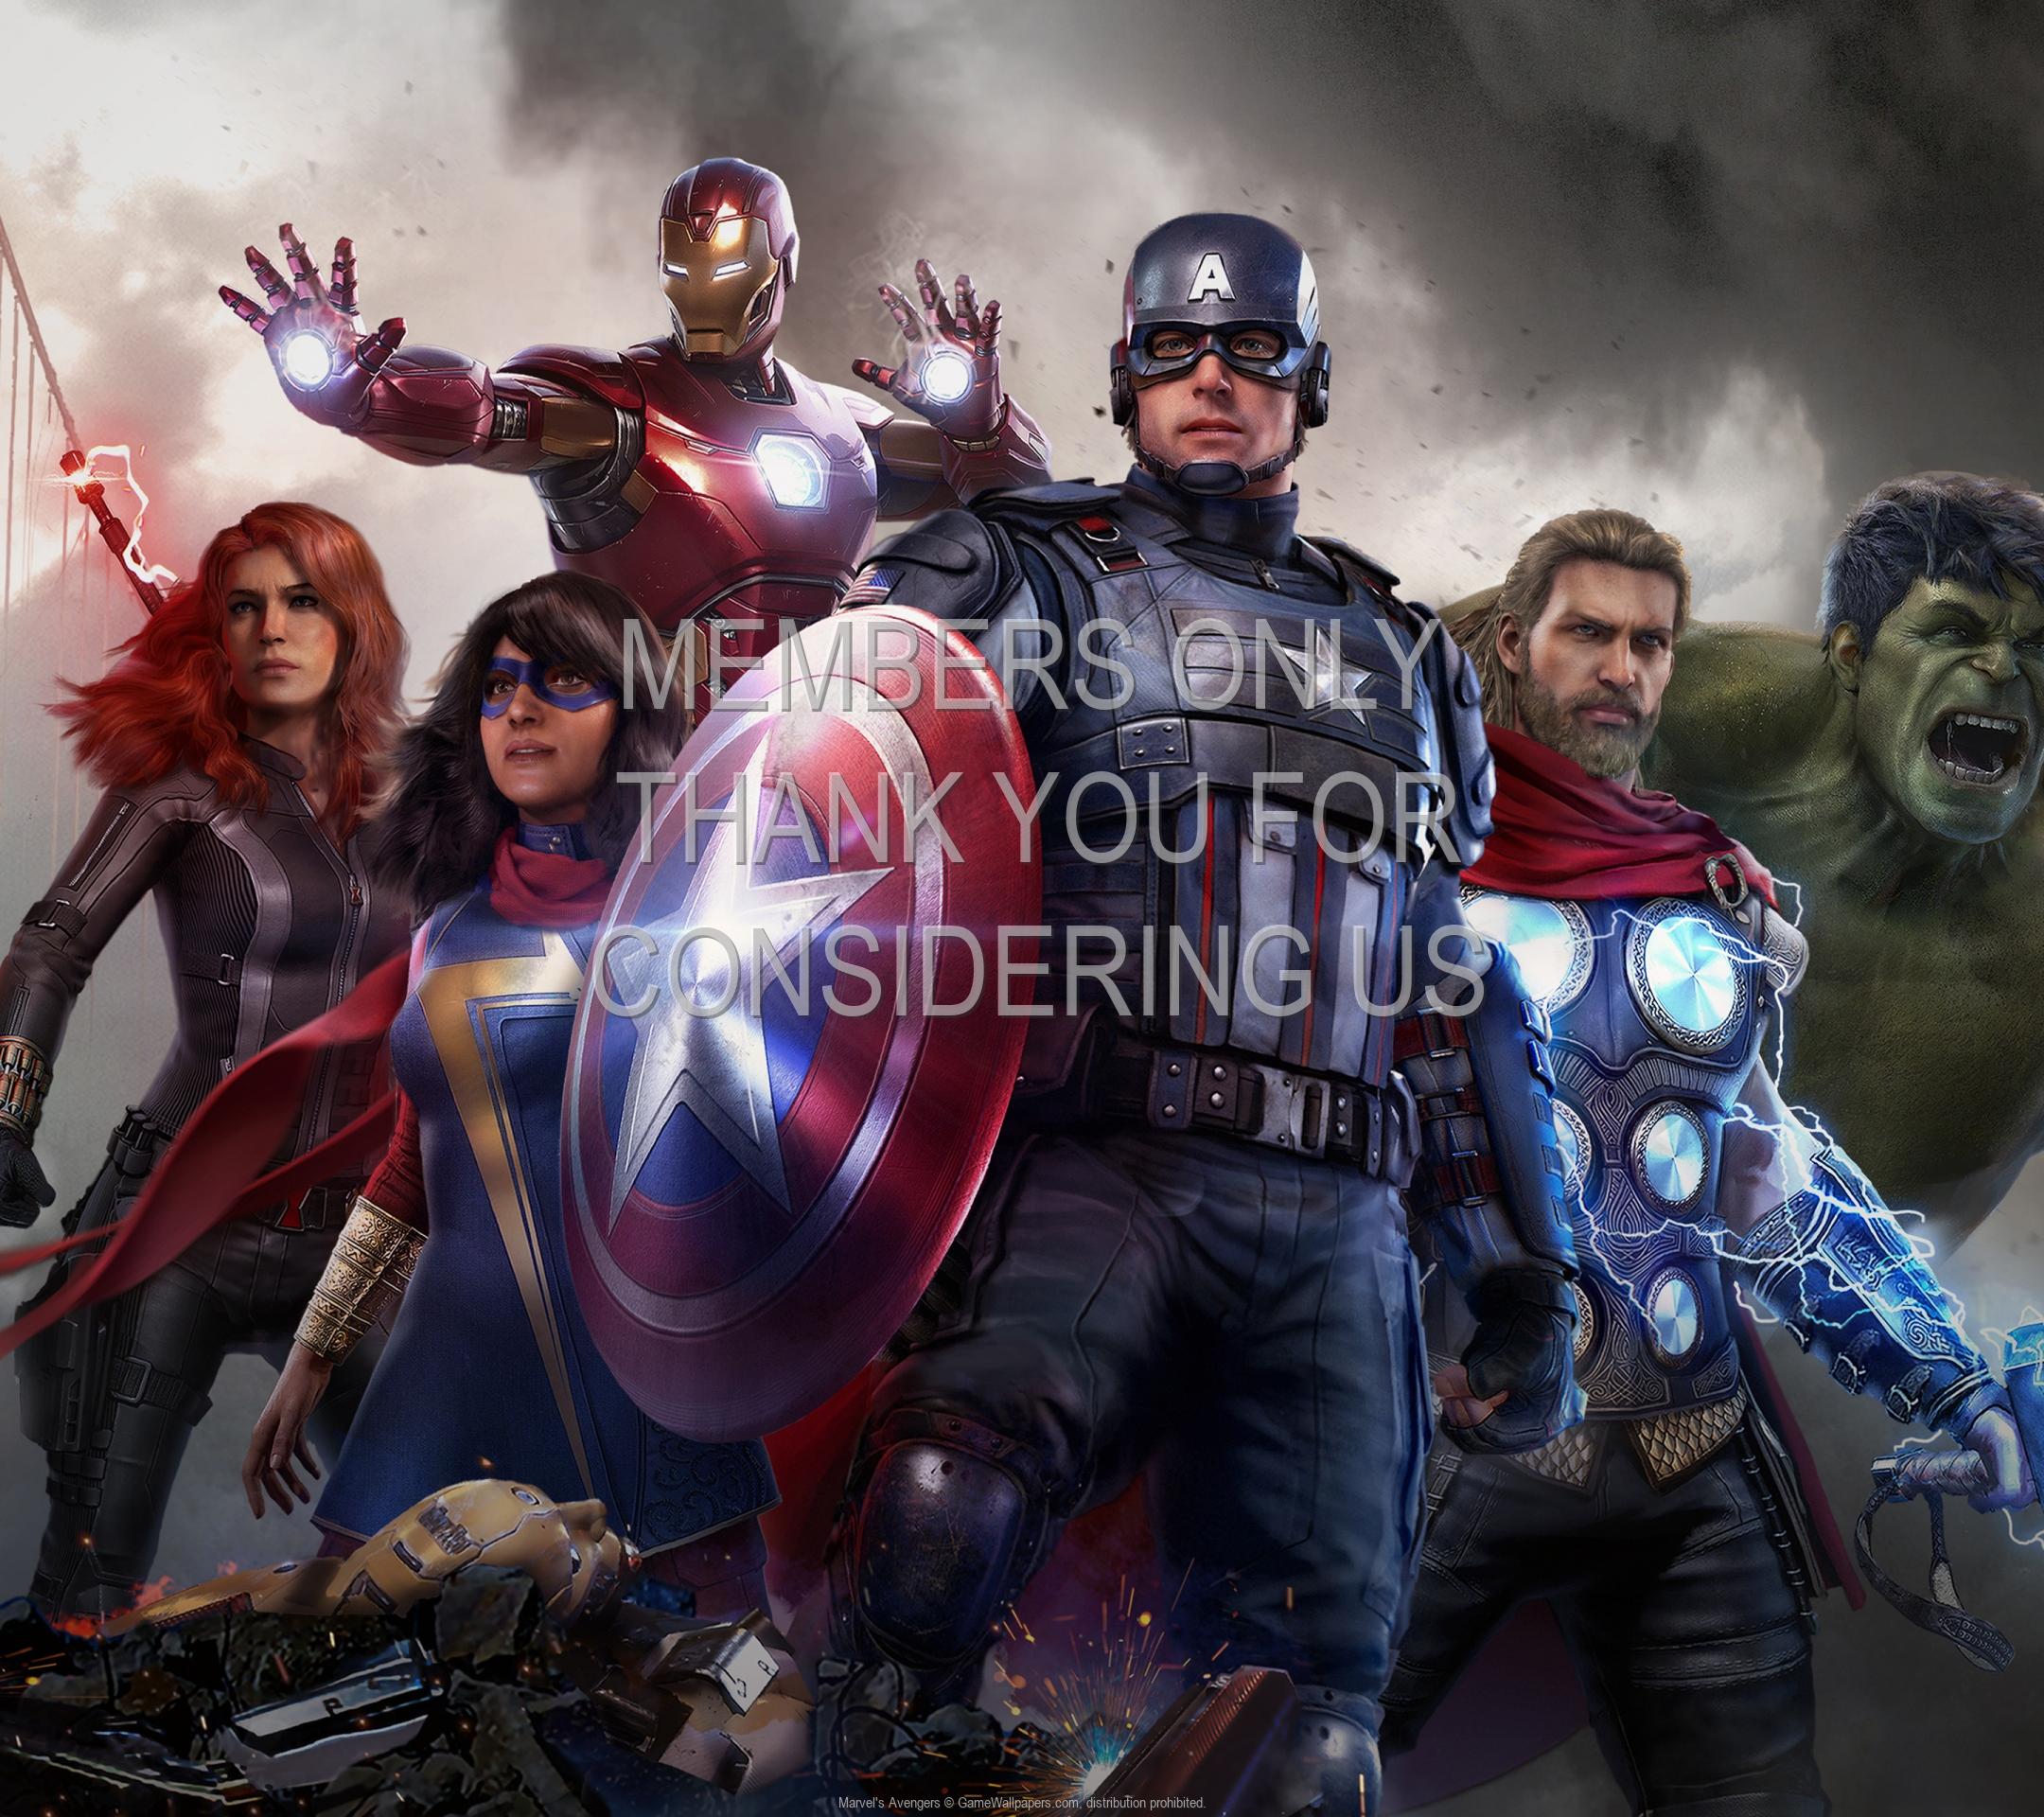 Marvel's Avengers 1920x1080 Mobile wallpaper or background 02